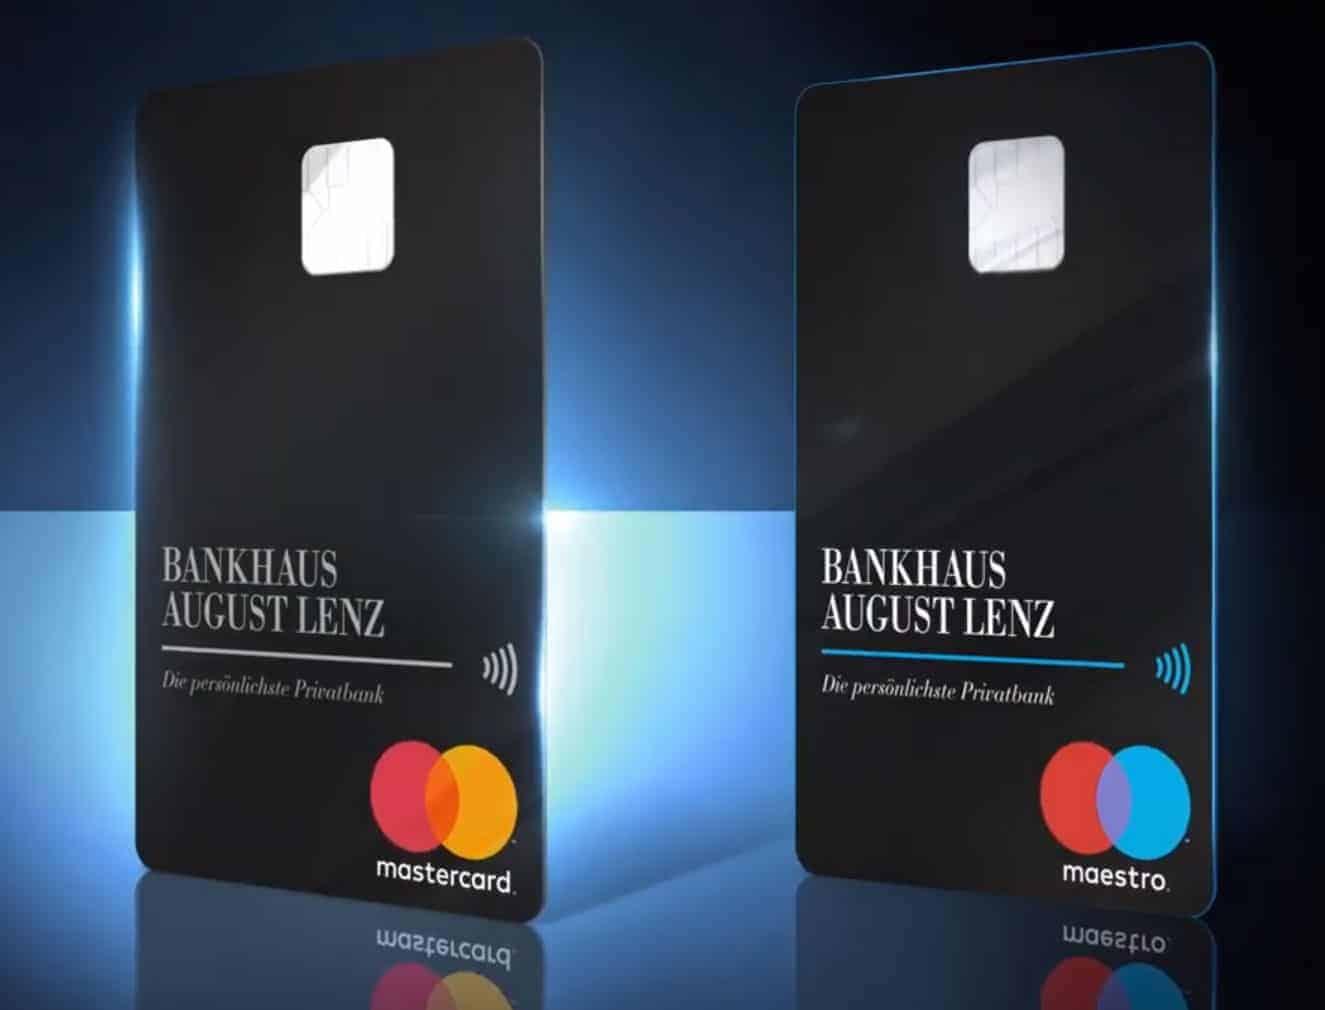 Hochkant Kreditkarte und Bankkarte